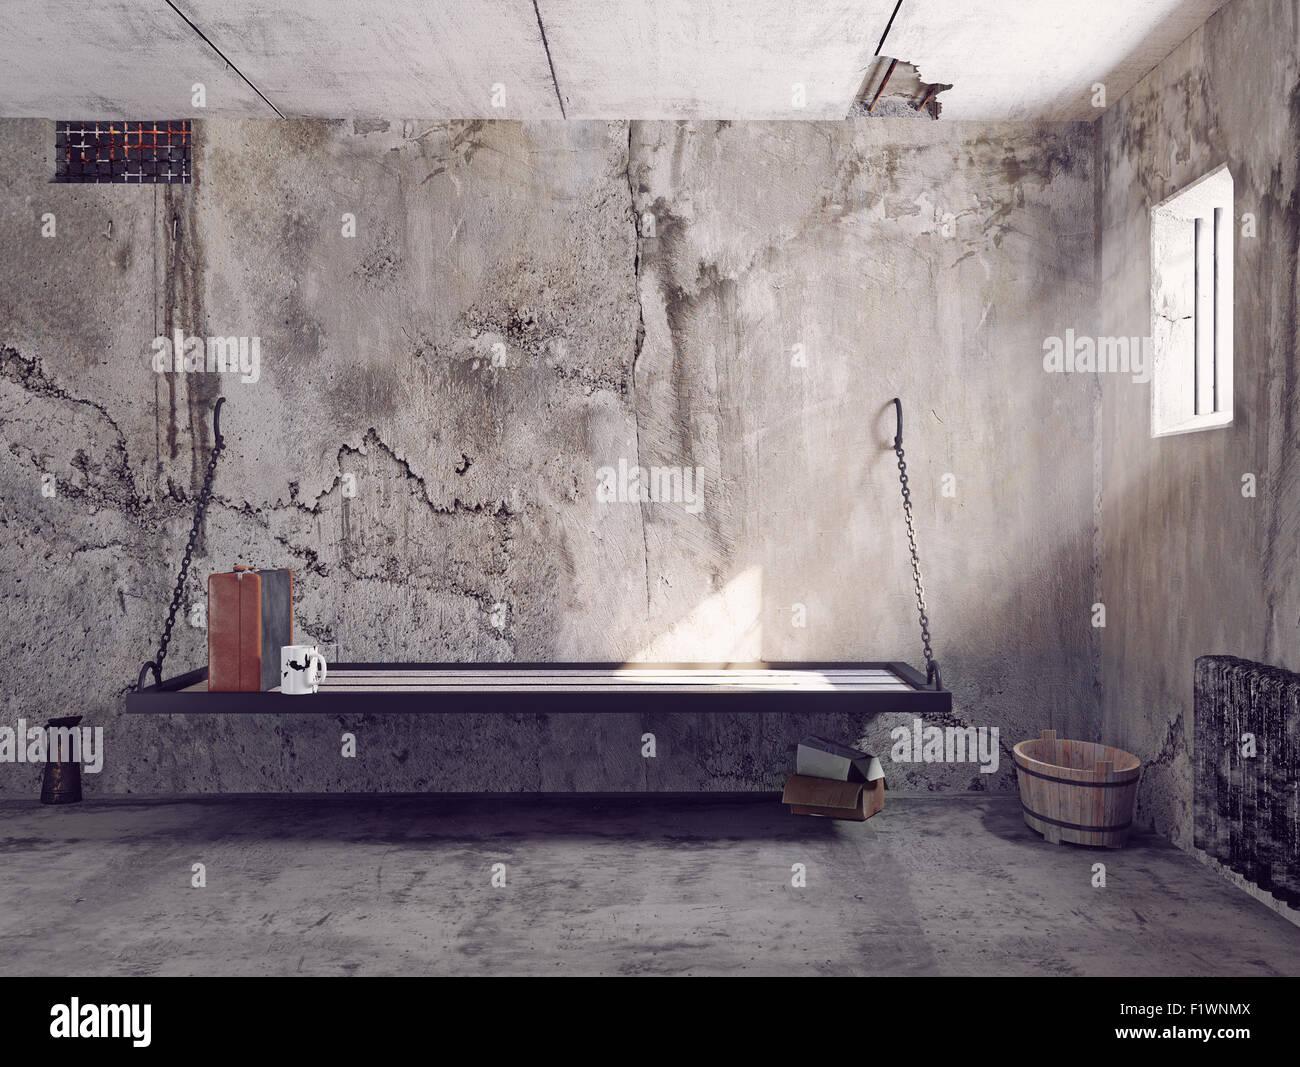 Sucio calabozo interior. Concepto 3d Imagen De Stock